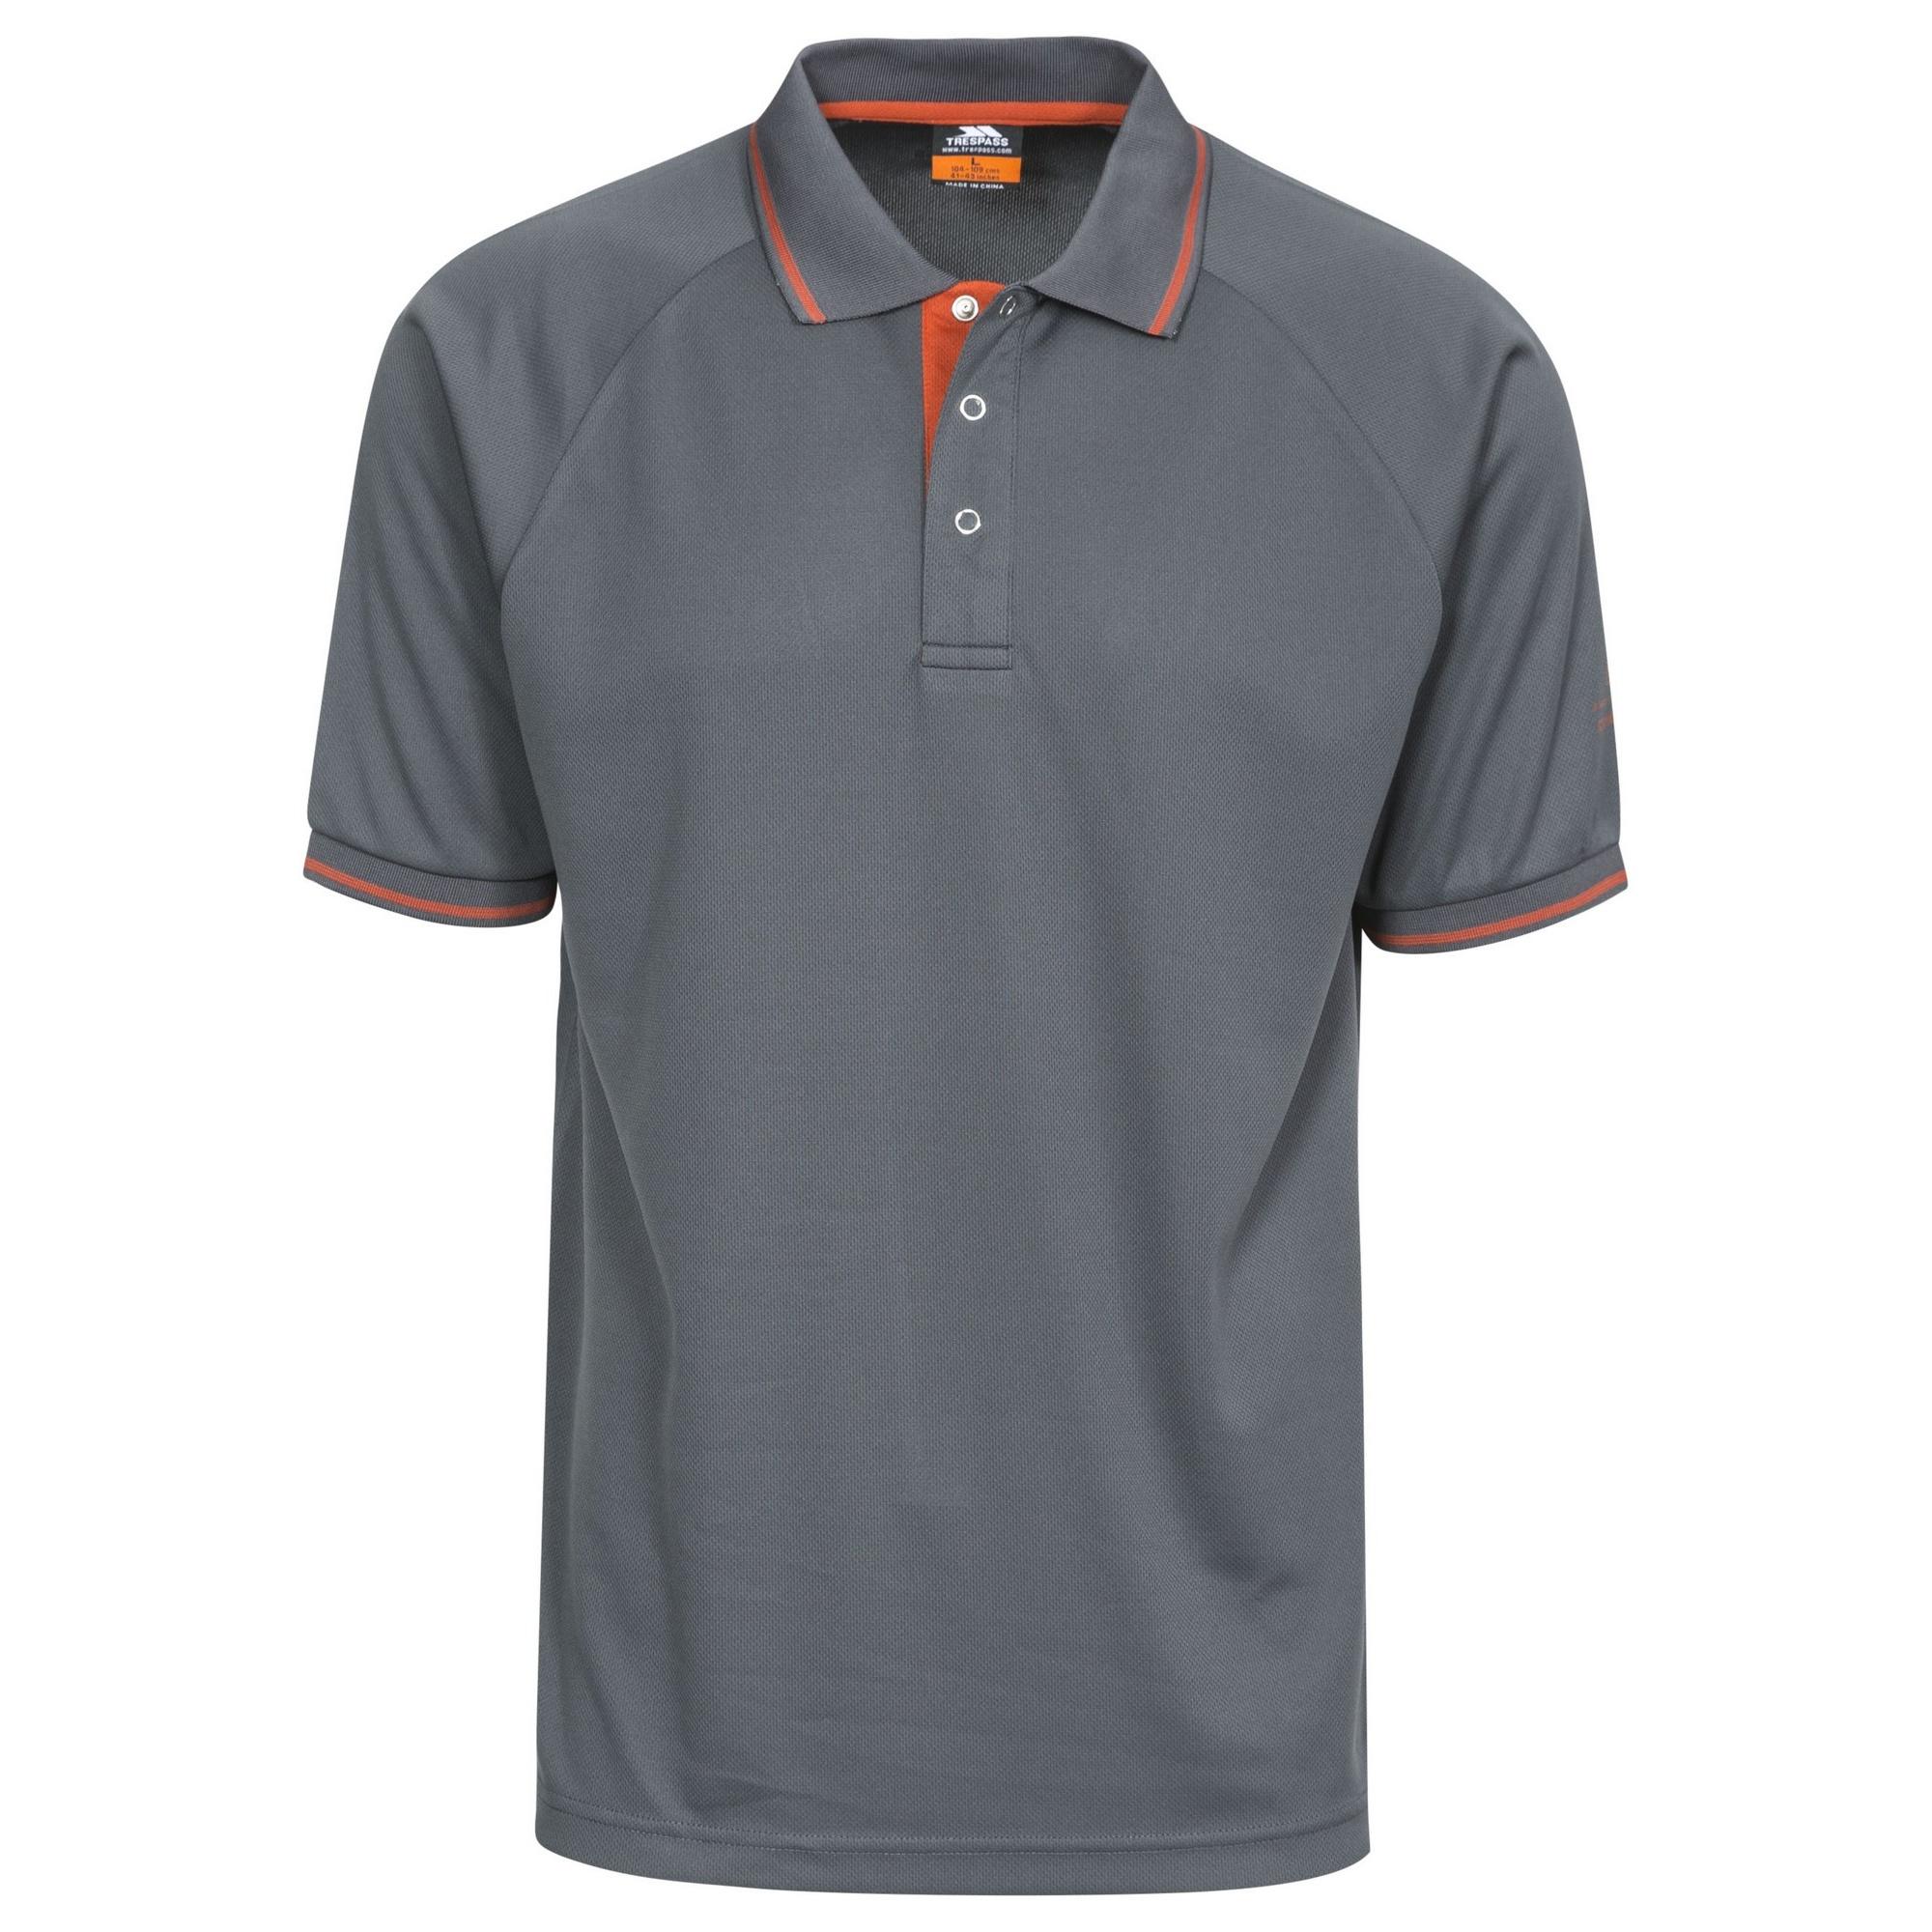 Trespass-Bonington-Polo-sport-a-manches-courtes-Homme-TP2931 miniature 9